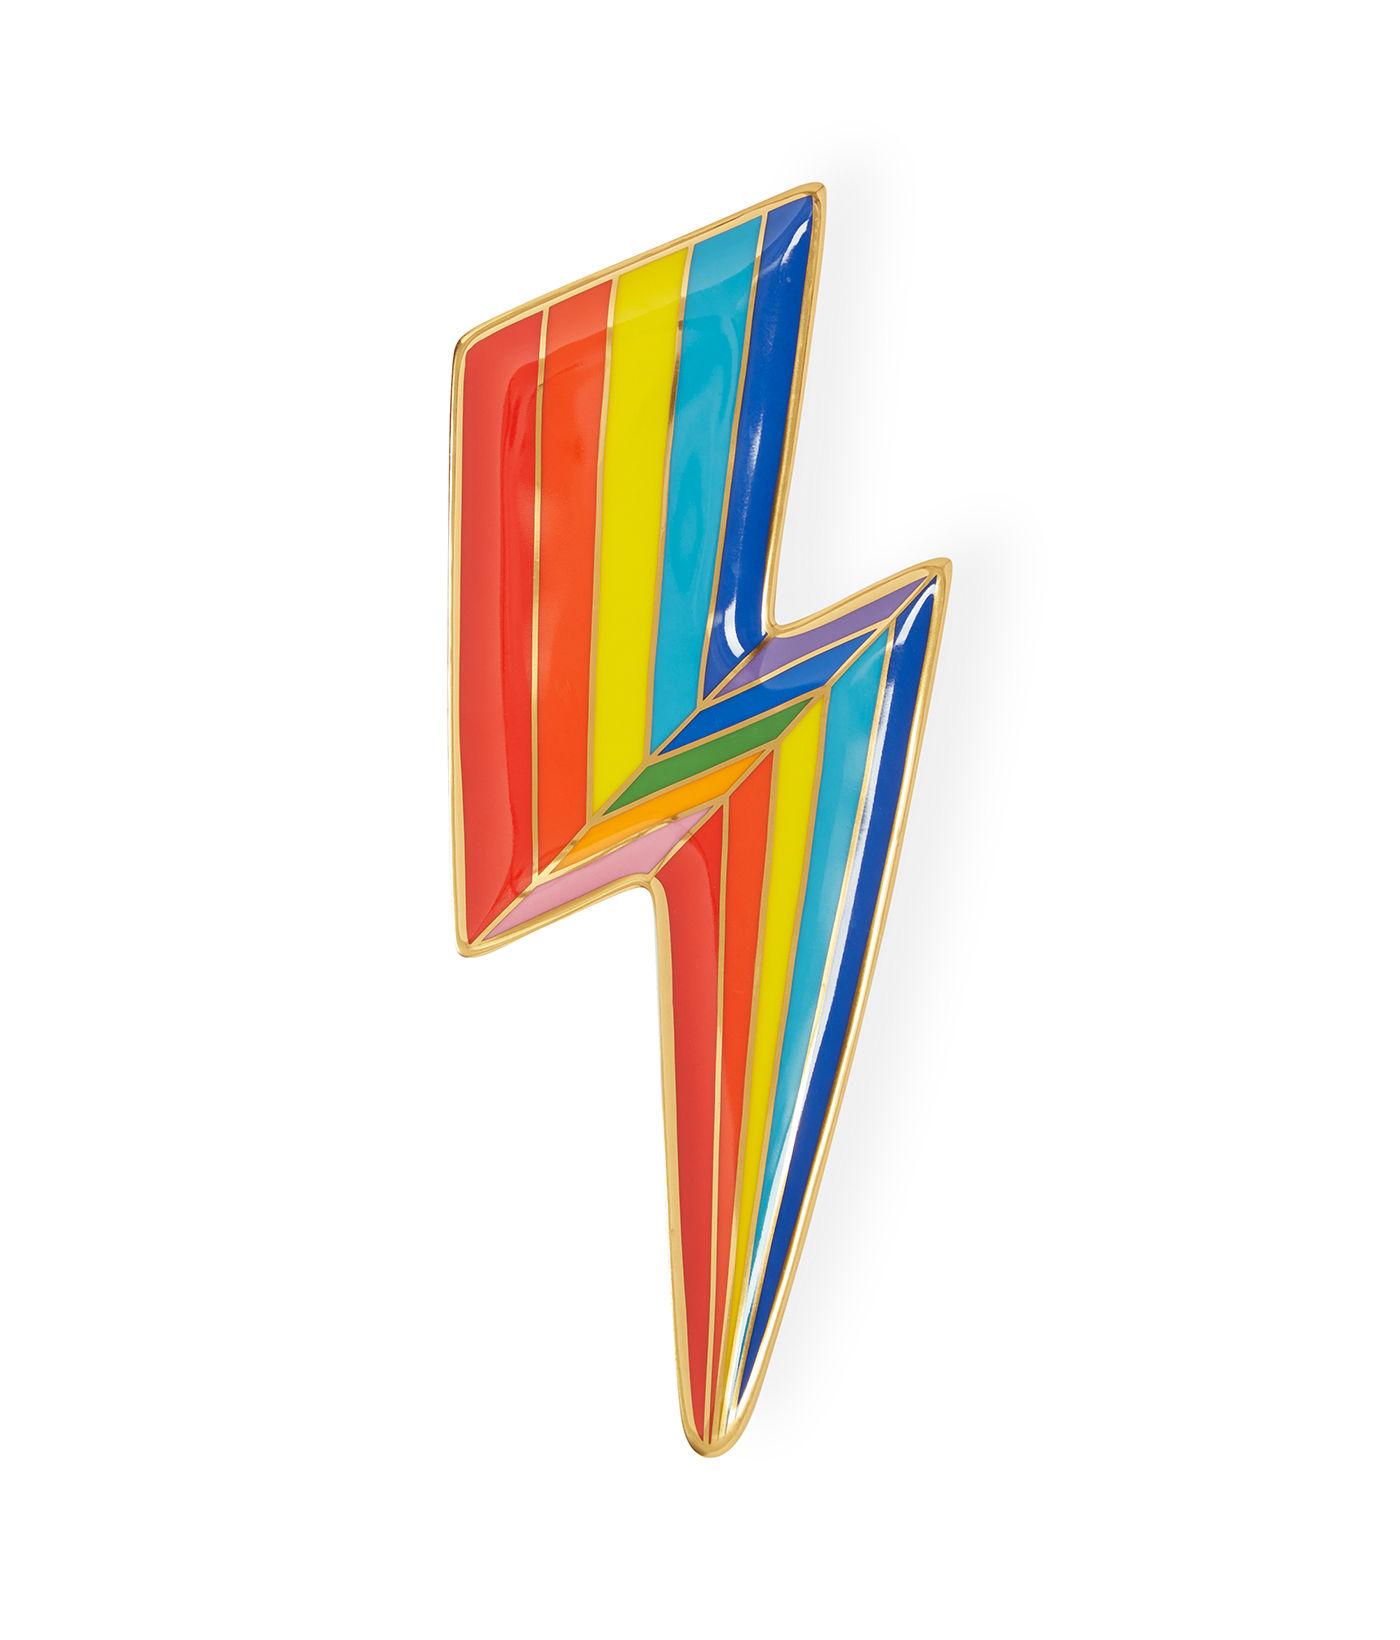 Arts de la table - Plateaux - Plateau Technicolor Bolt Trinket / Vide-poche - Porcelaine & or - Jonathan Adler - Technicolor Bolt / Multicolore - Or, Porcelaine